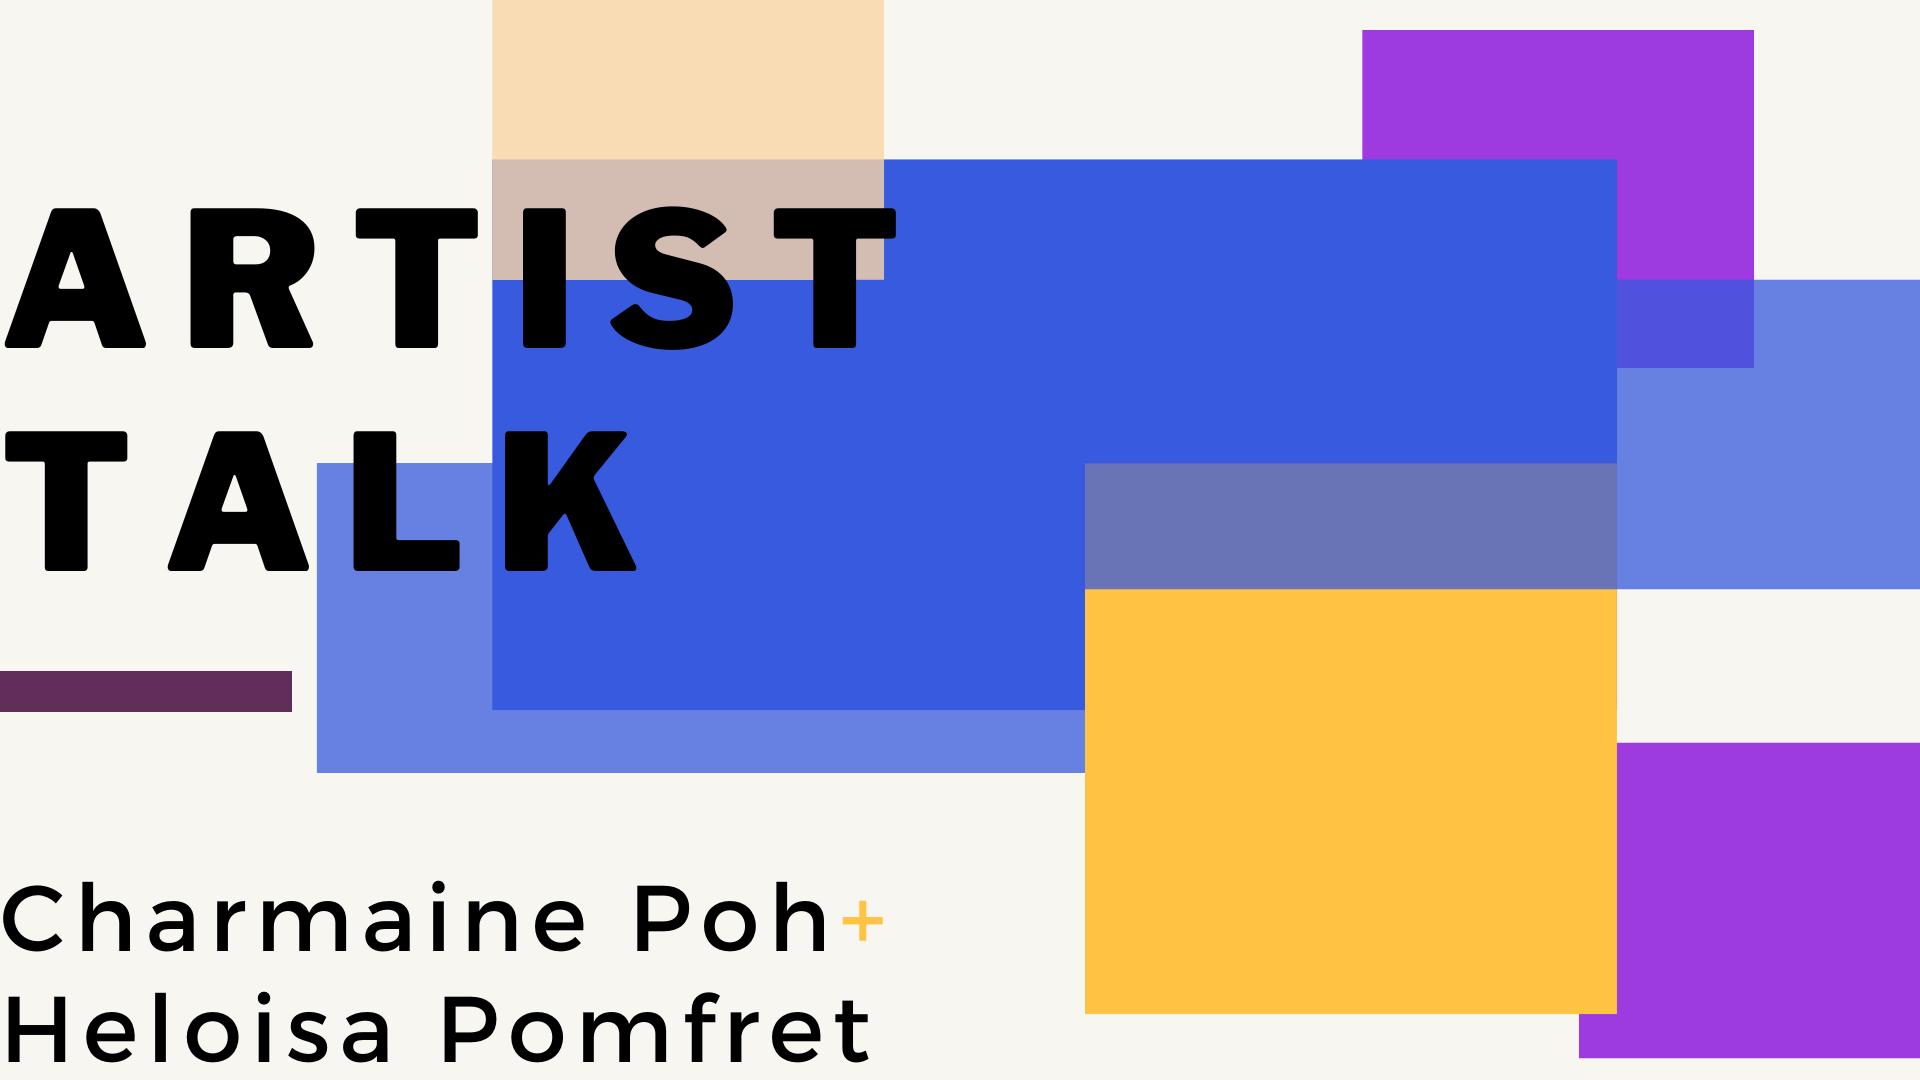 Artist Talk (1)